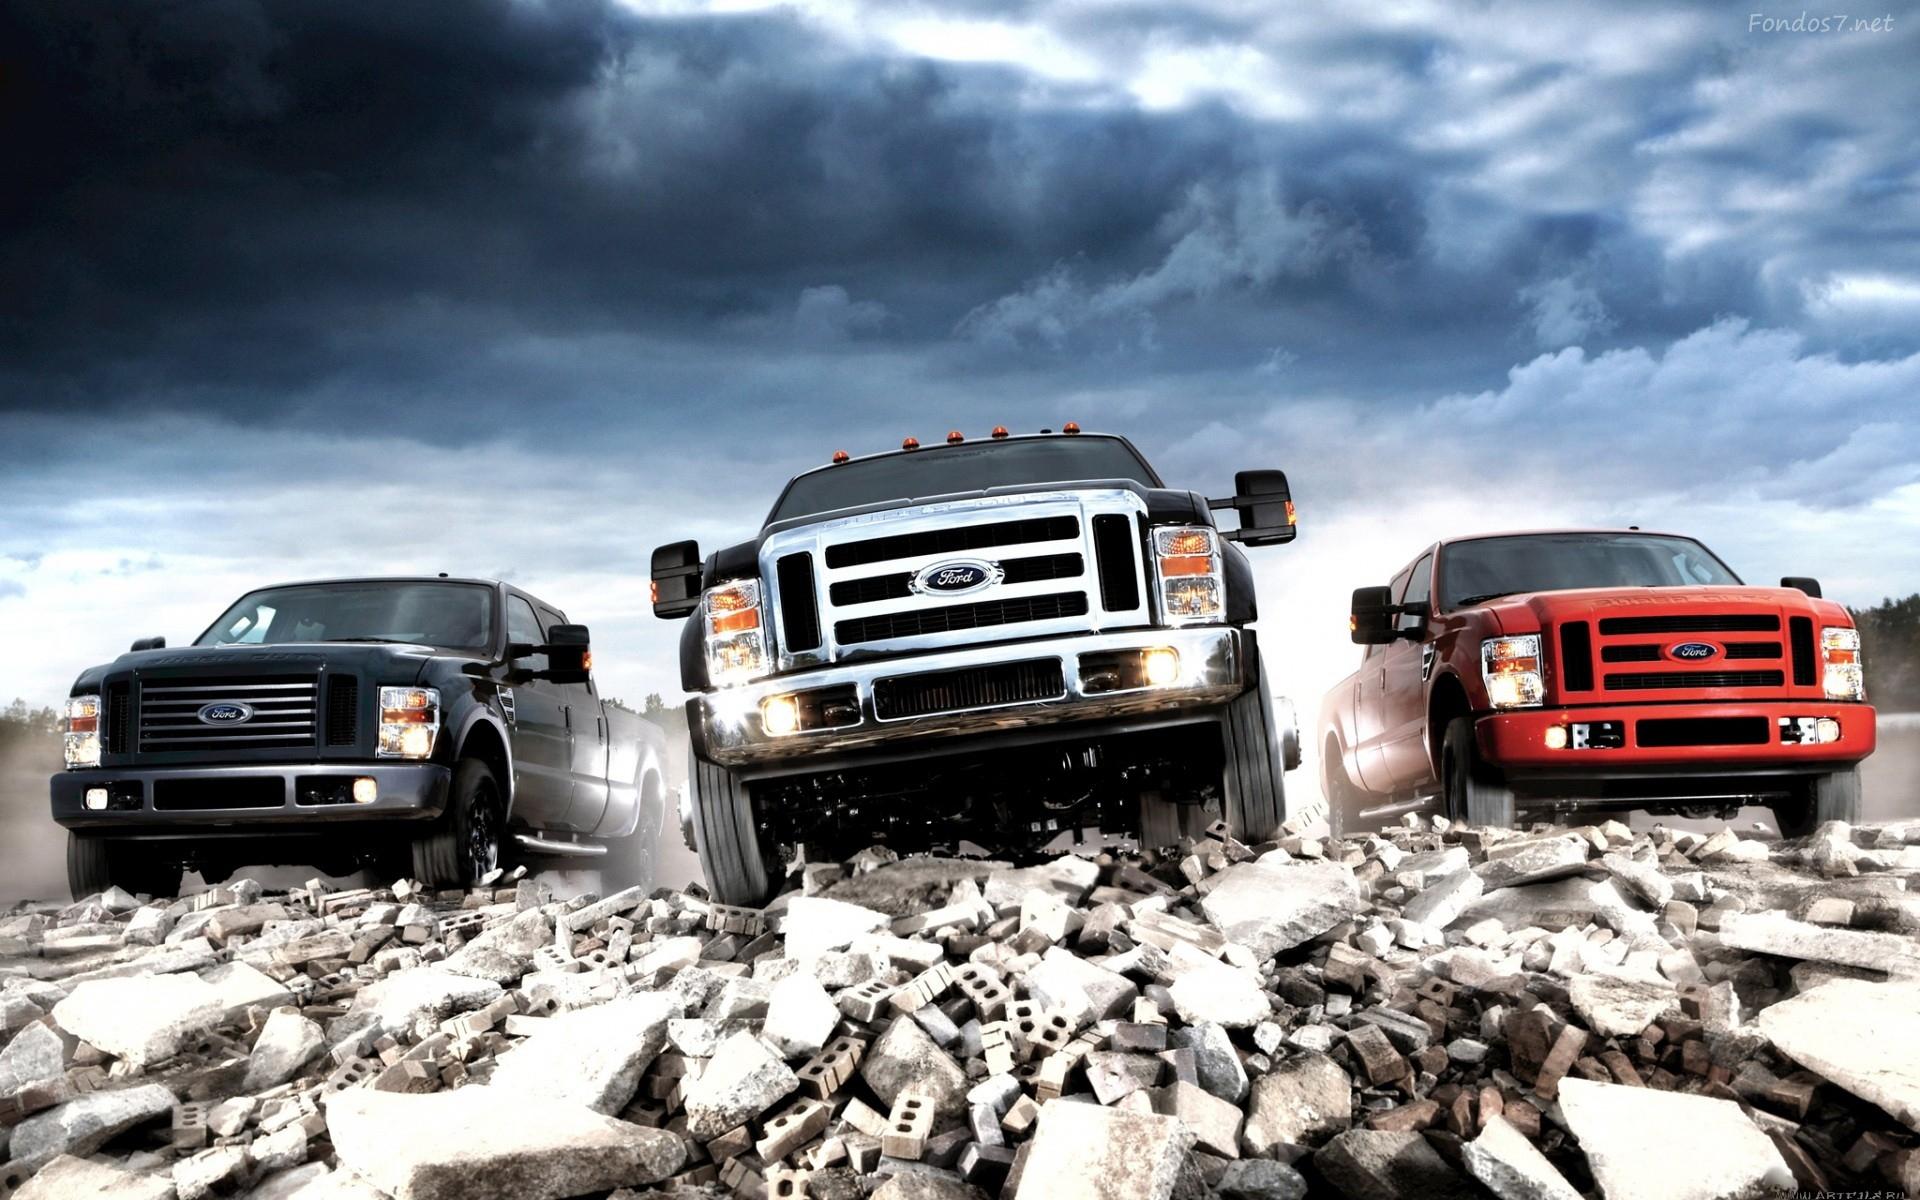 Descargar Fondos de pantalla camionetas ford hd widescreen Gratis 1920x1200